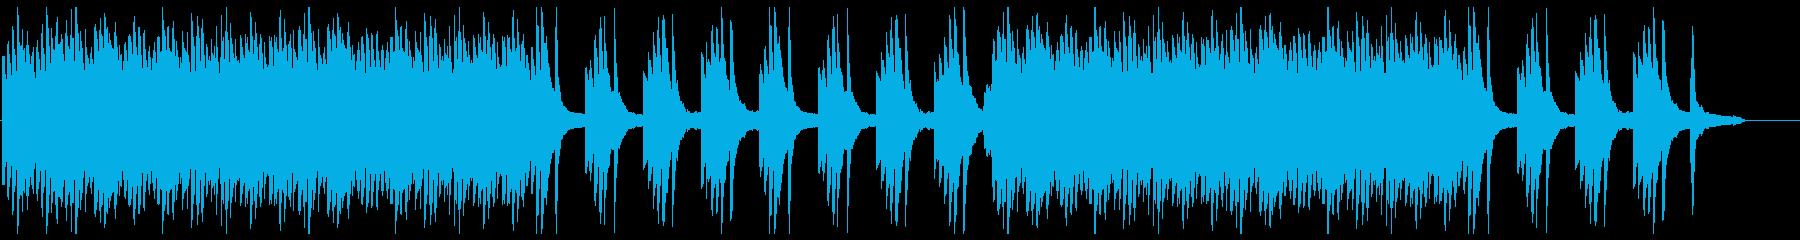 ピアノとシンセのイージーリスニングの再生済みの波形